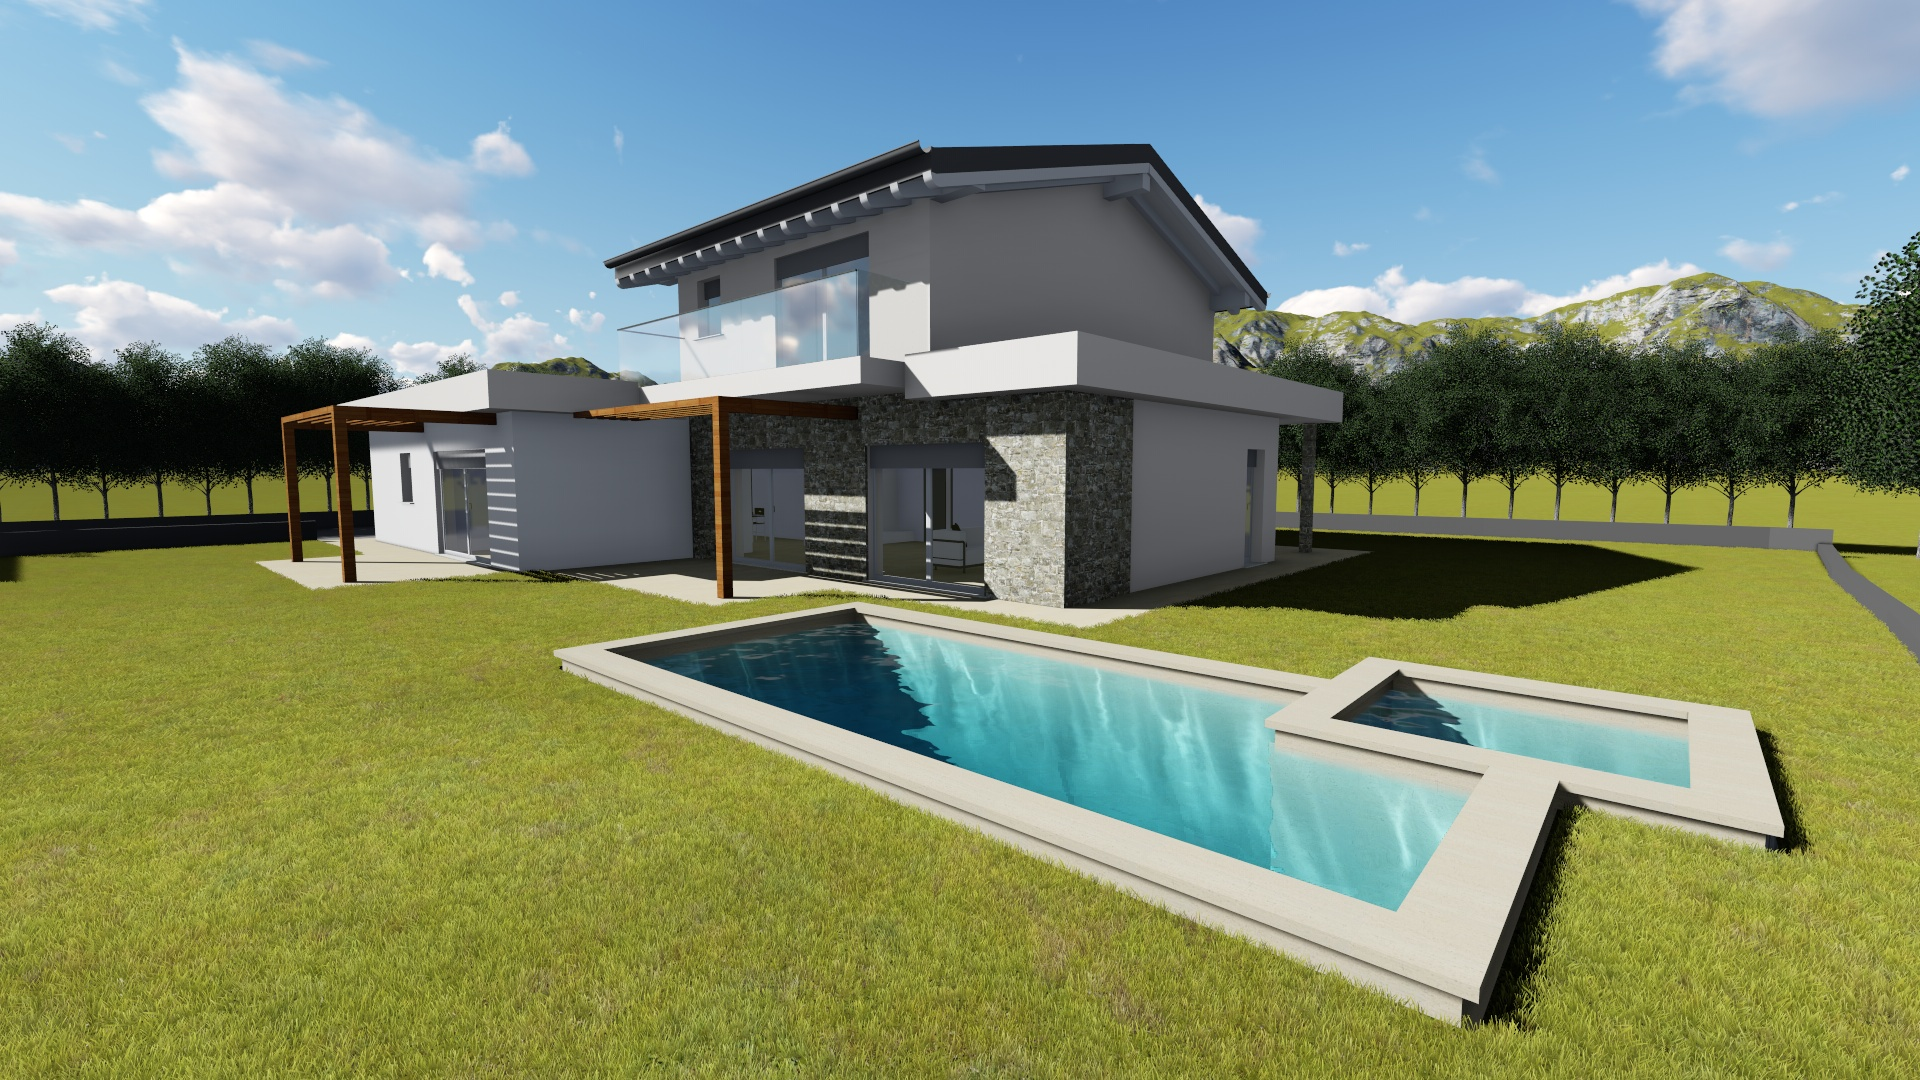 Villa x lam bifamiliare su due piani cornago varese for Bloccare i piani domestici